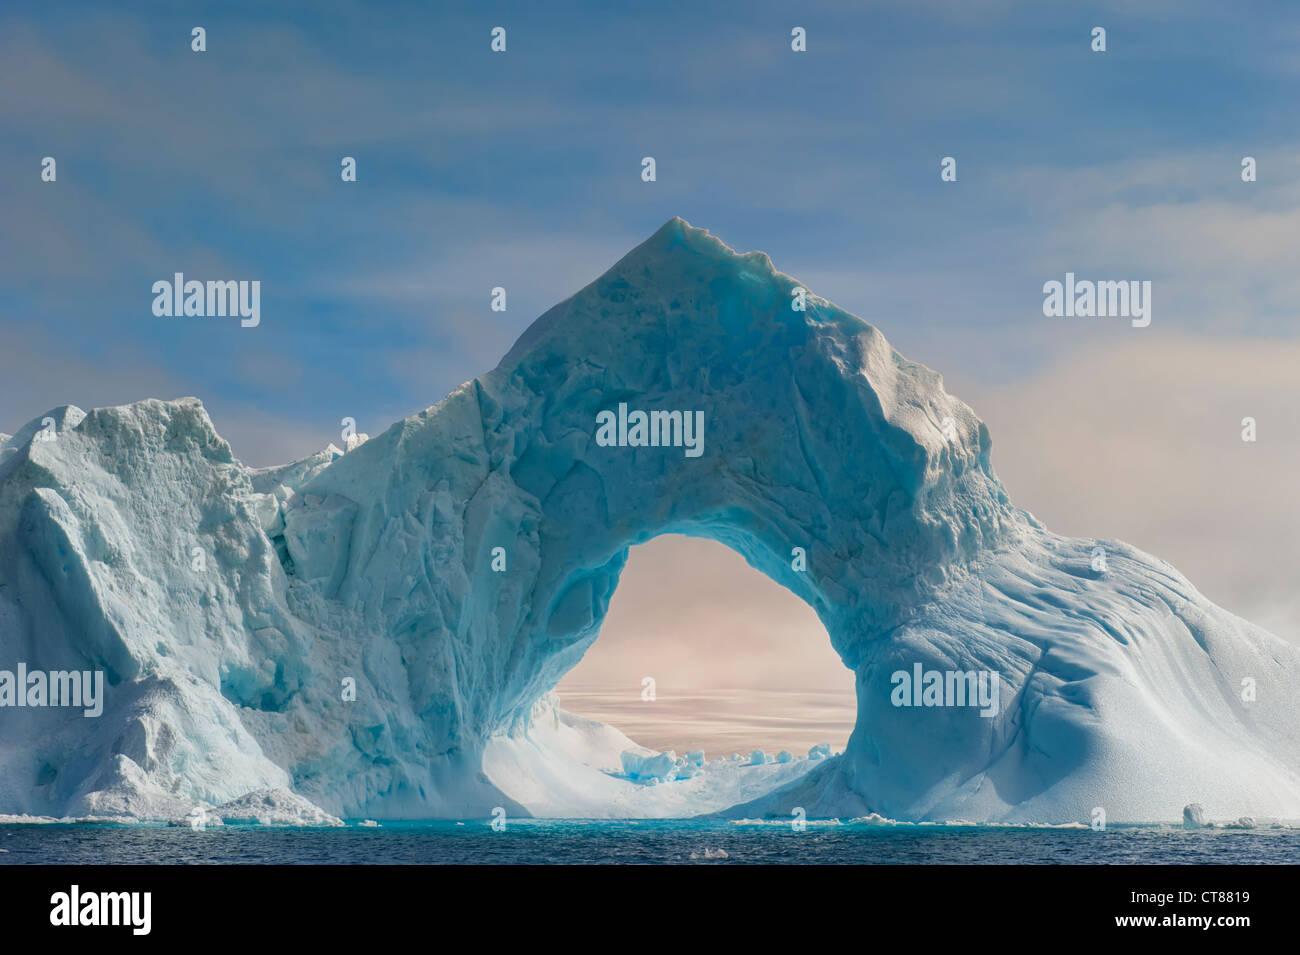 Naturale geschnitzt in einem Eisberg, Antarctic Sound, antarktische Halbinsel Stockfoto